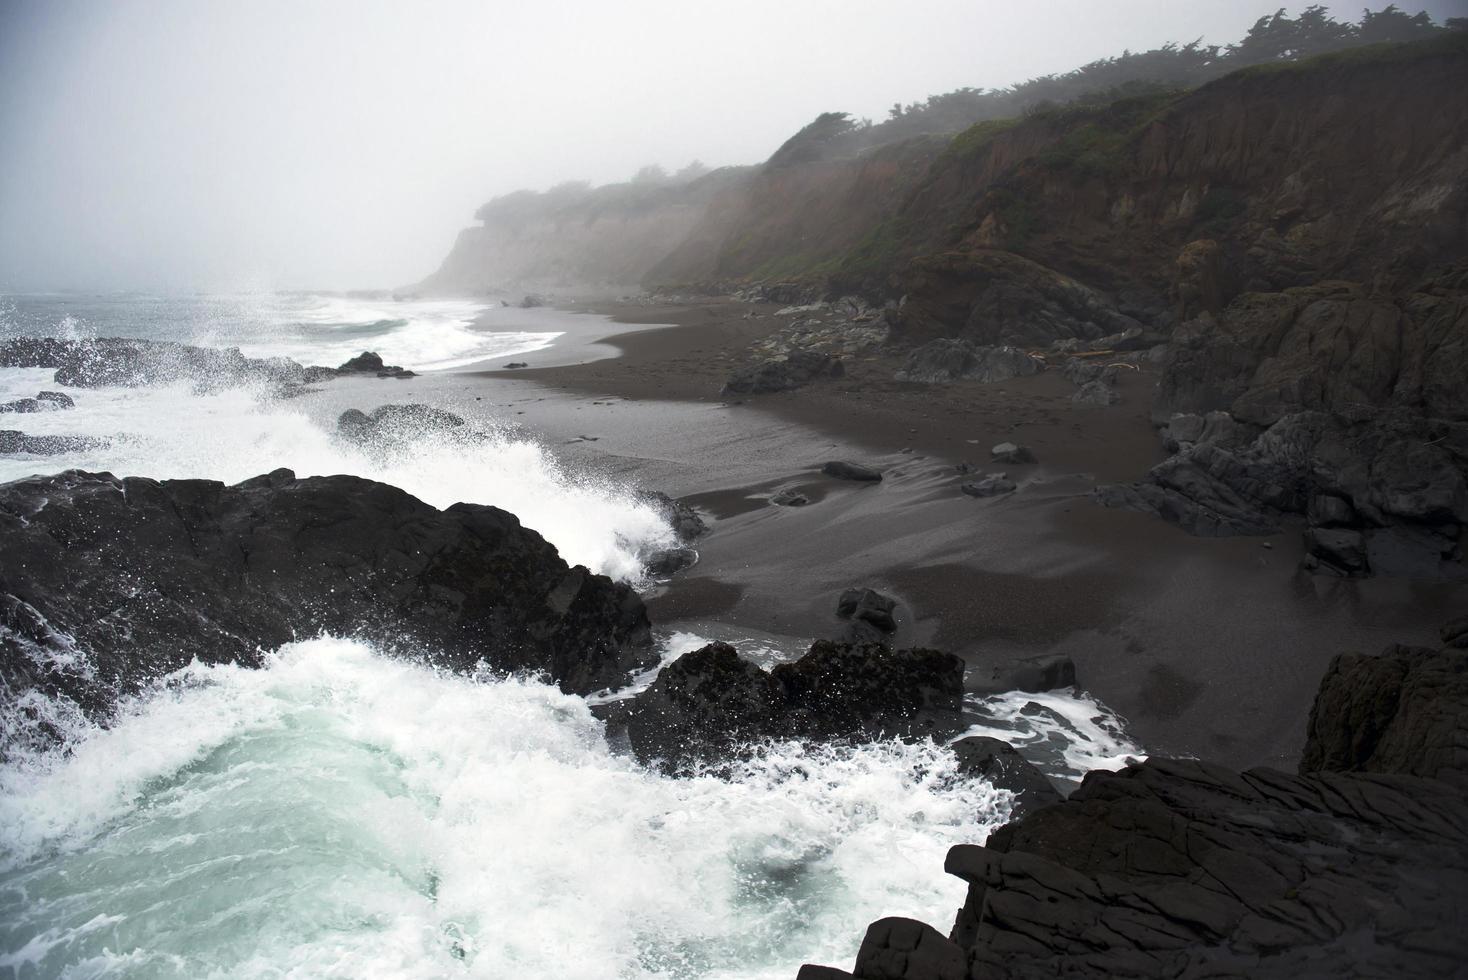 Wellen plätschern an der Küste foto